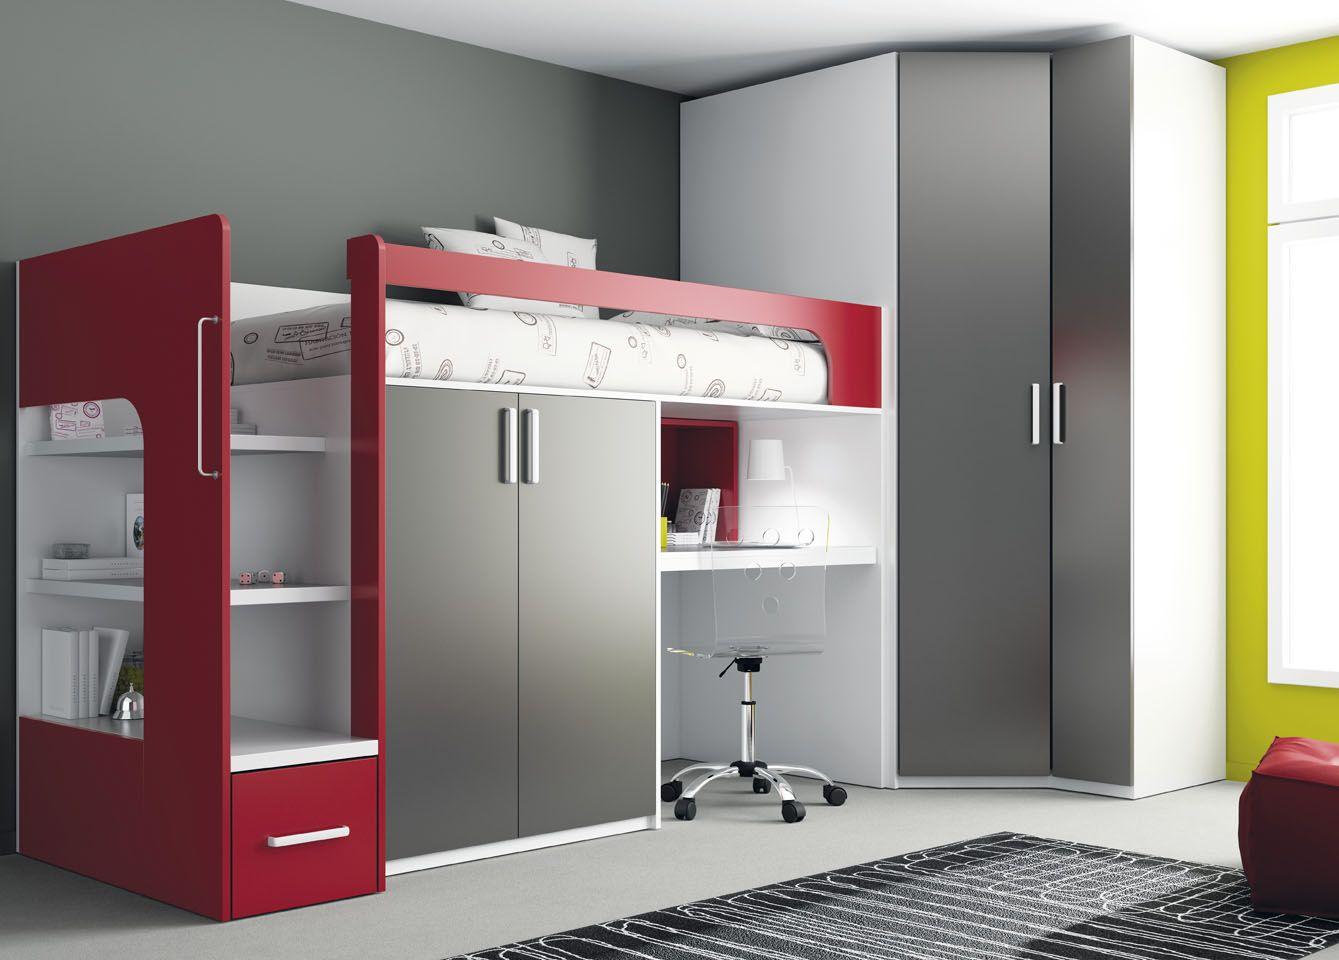 Habitaci n juvenil de muebles ros todo lo que deseas en for Muebles infantiles ros